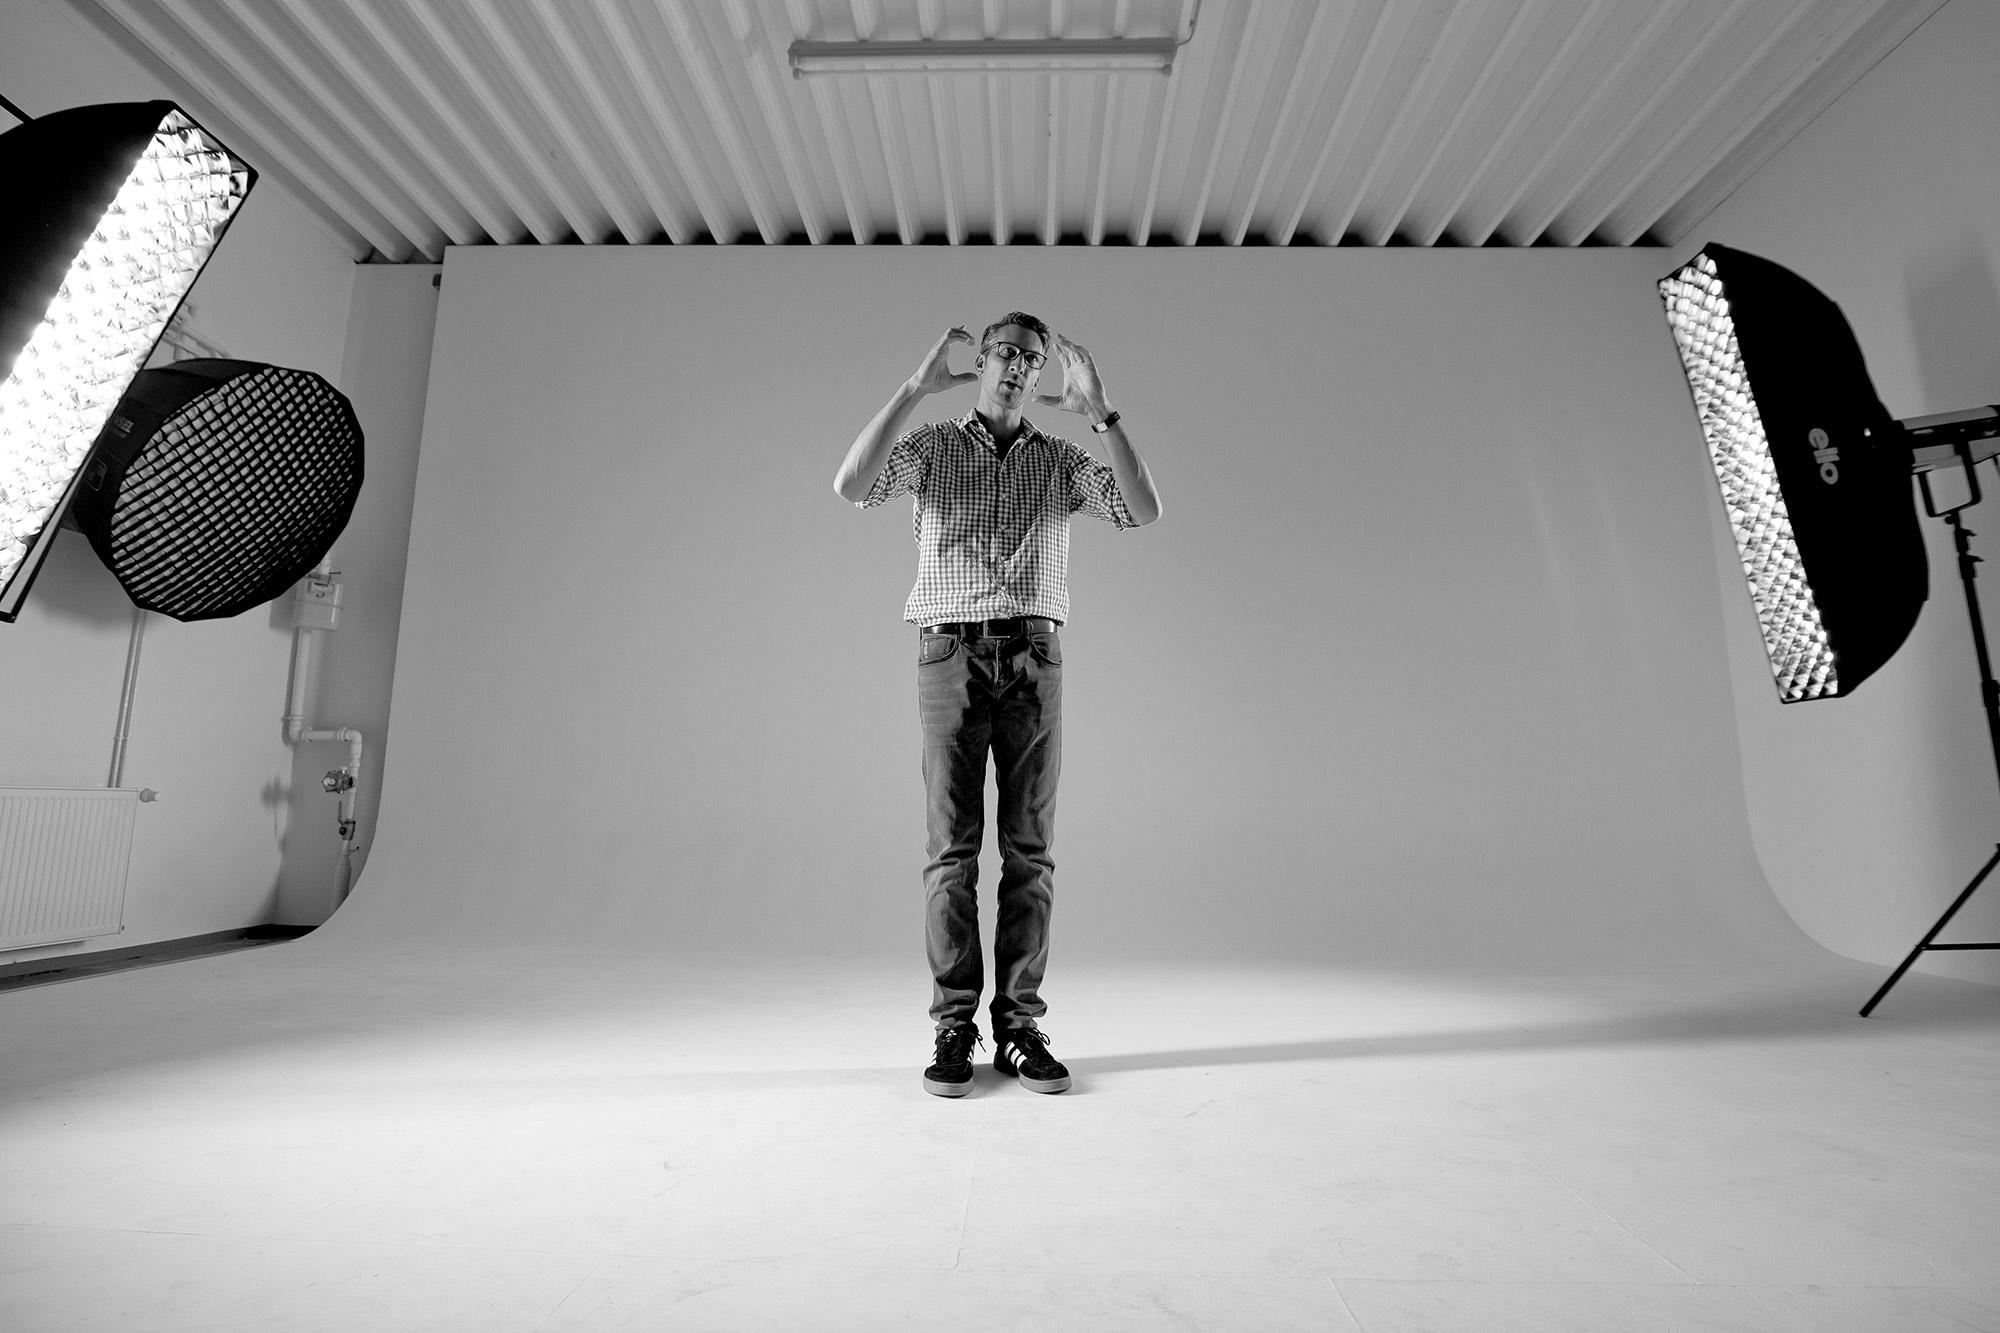 Im Rahmen der Canon Academy gab der Fotograf Sasche Hüttenhein in seinem Studio einen Workshop zu Ballett-Fotografie.